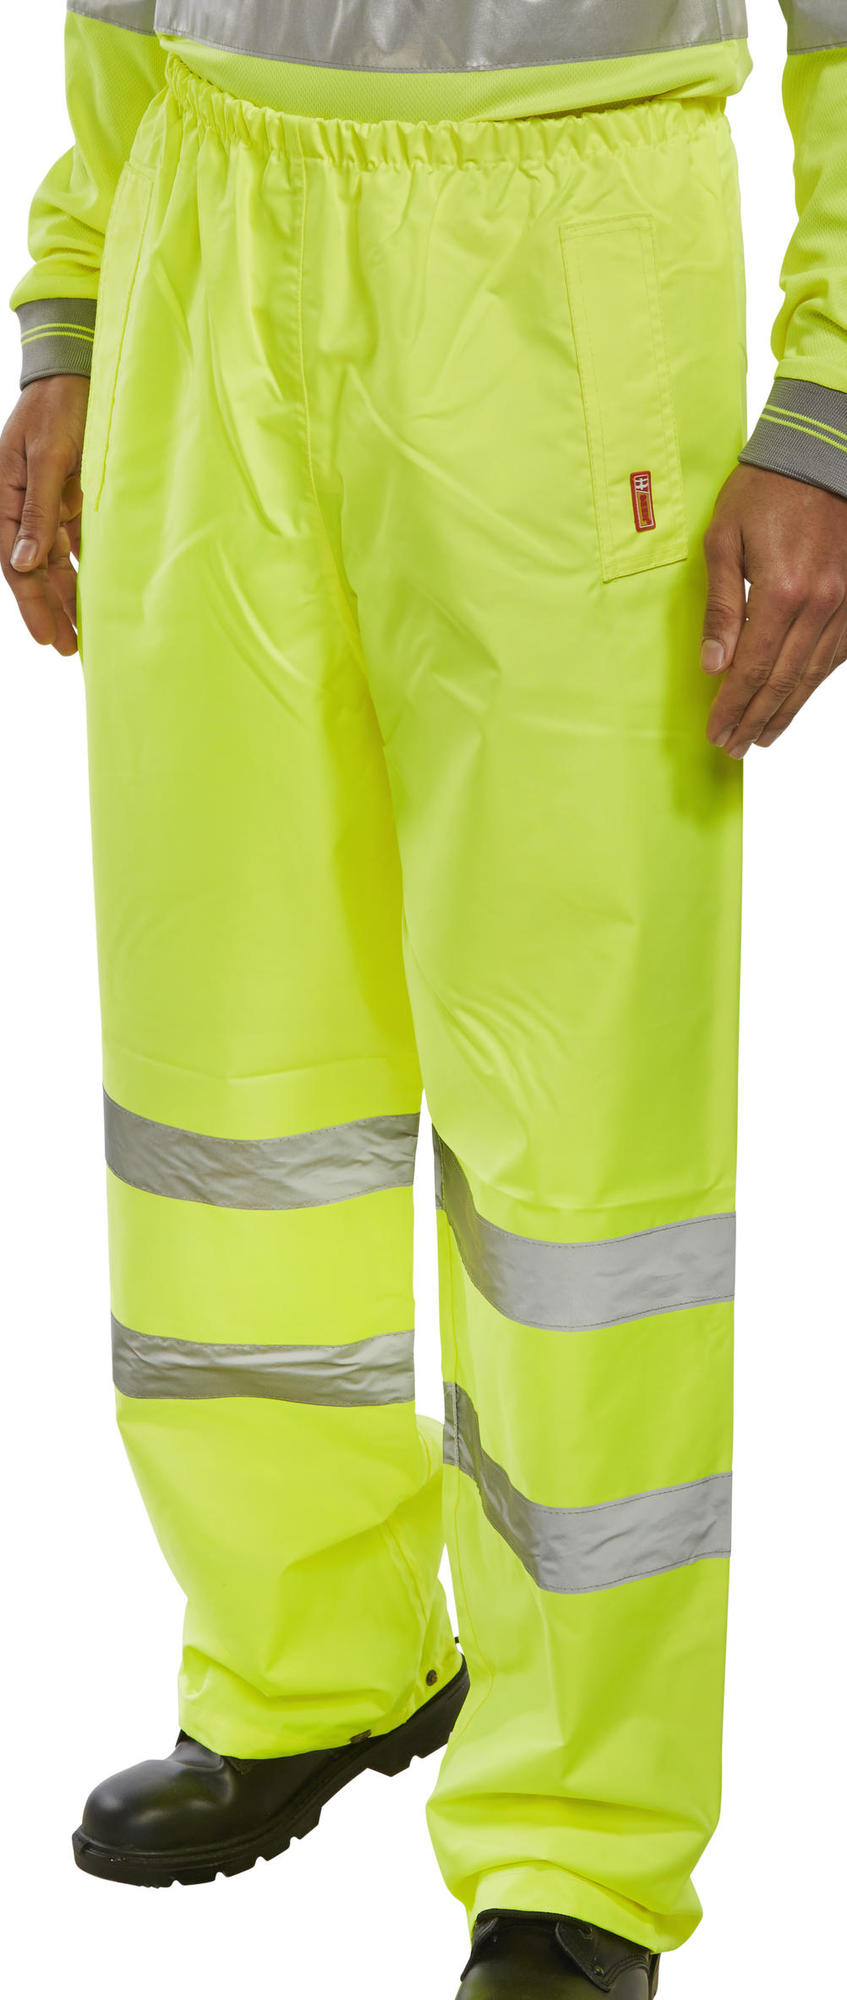 Αδιάβροχο ανακλαστικό παντελόνι BSeen